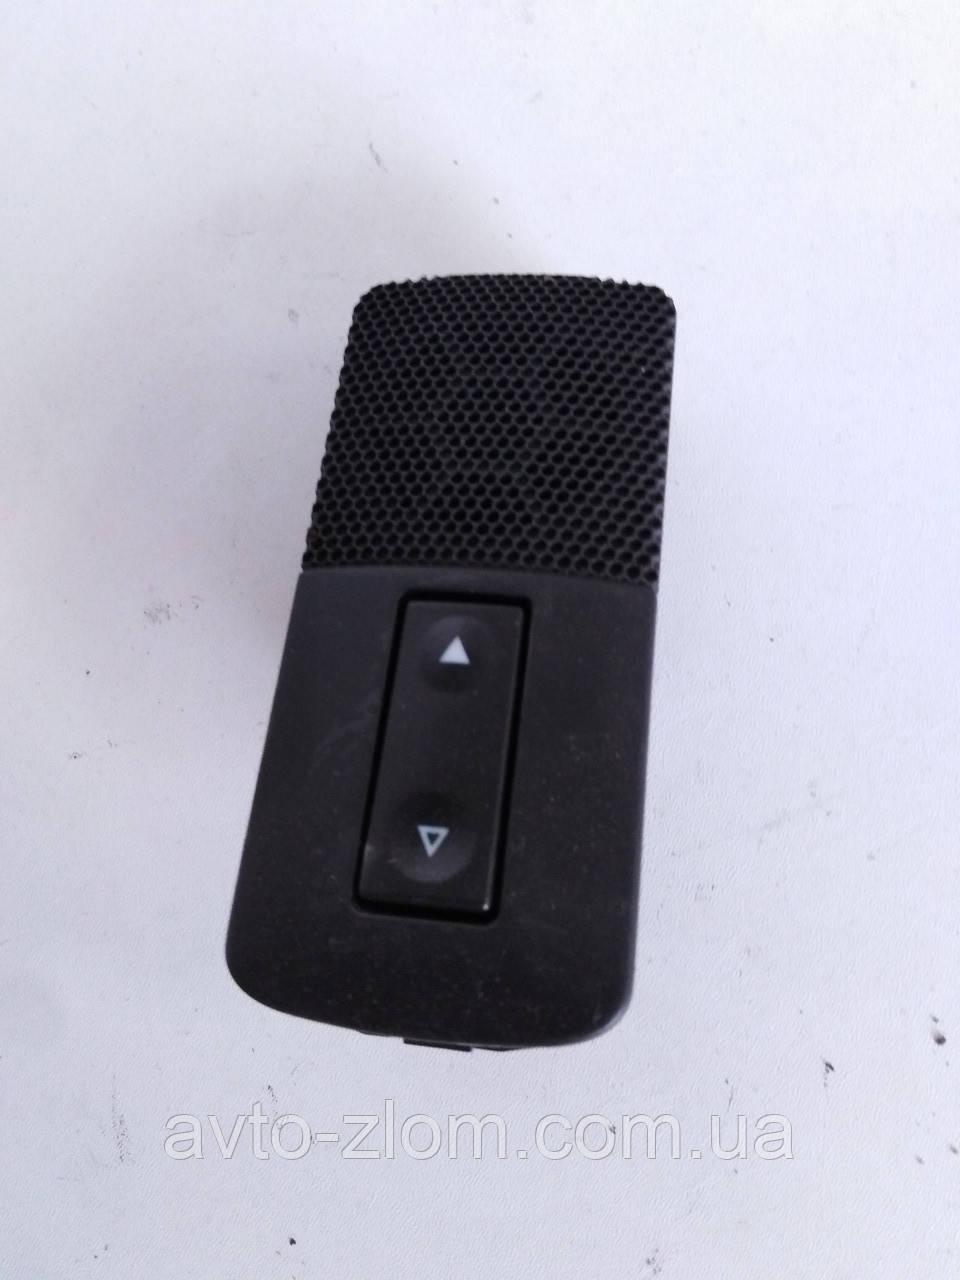 Кнопка стеклоподъемника Opel Vectra C, Опель Вектра Ц. Задняя. 24437646, 09185959.